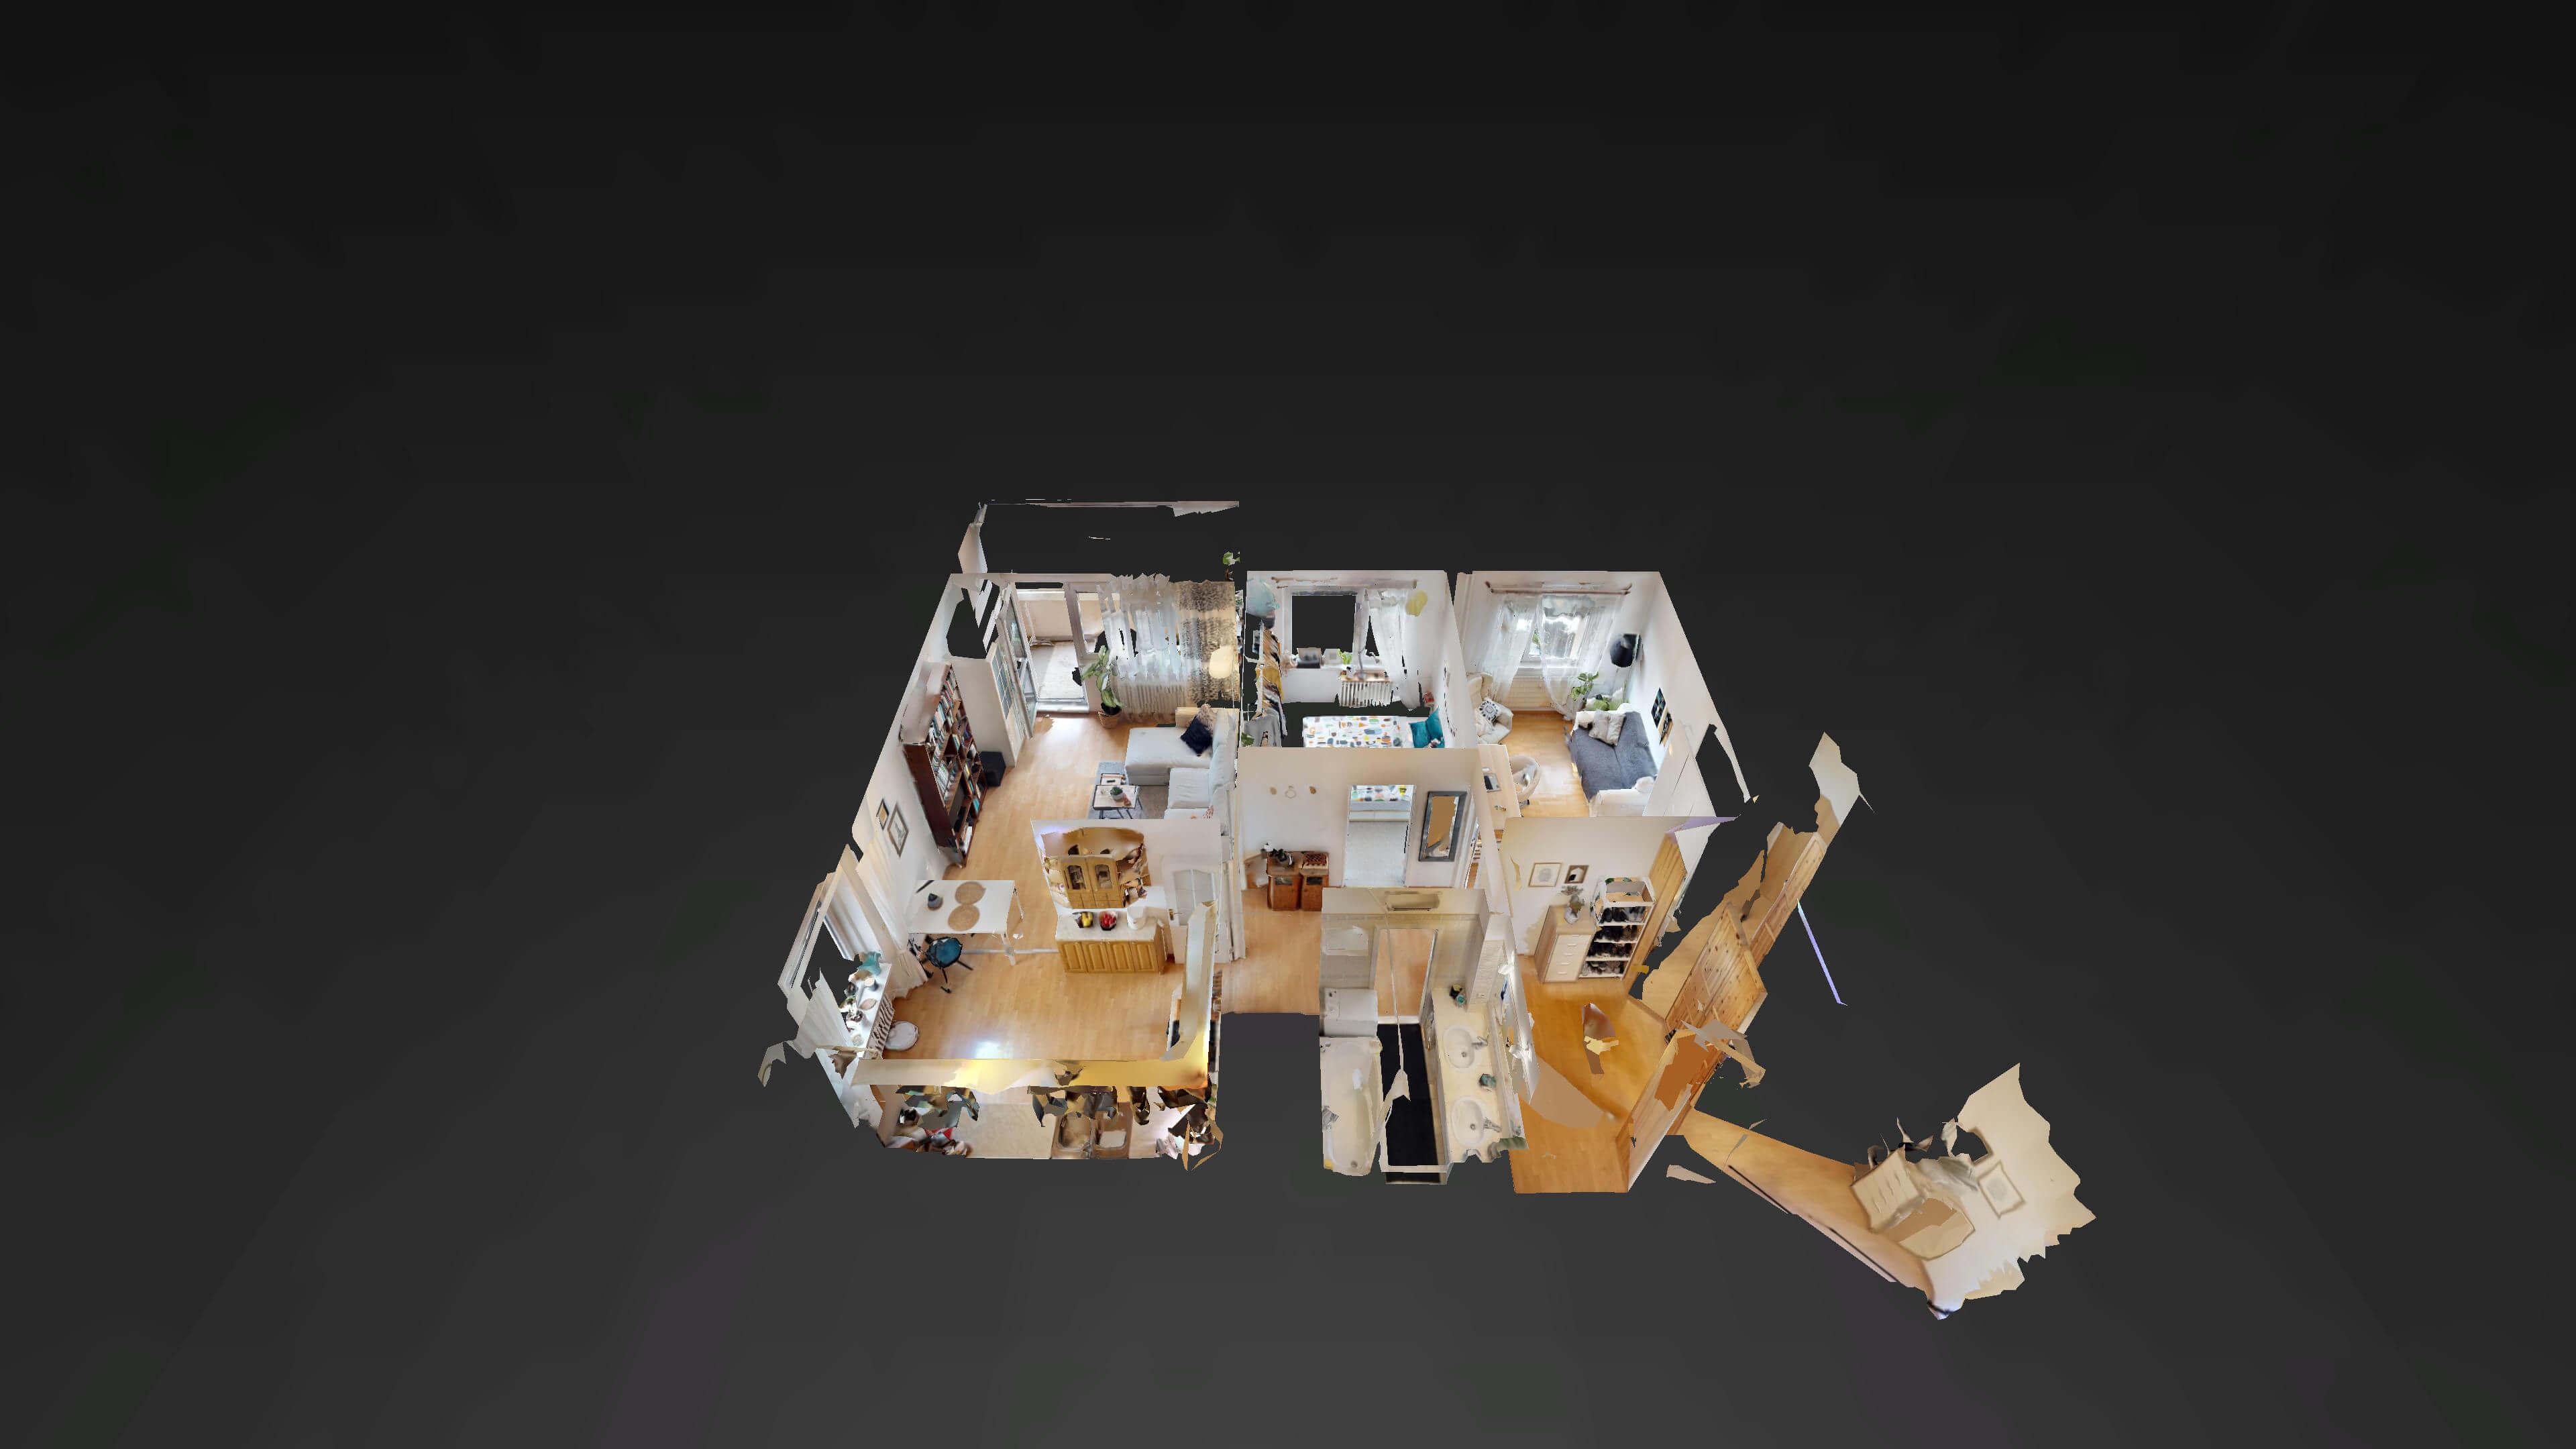 Predané Predaj exkluzívneho 3 izb. bytu,v Ružinove, ulica Palkovičová, blízko Trhoviska Miletičky v Bratislave, 68m2, kompletne zariadený-40